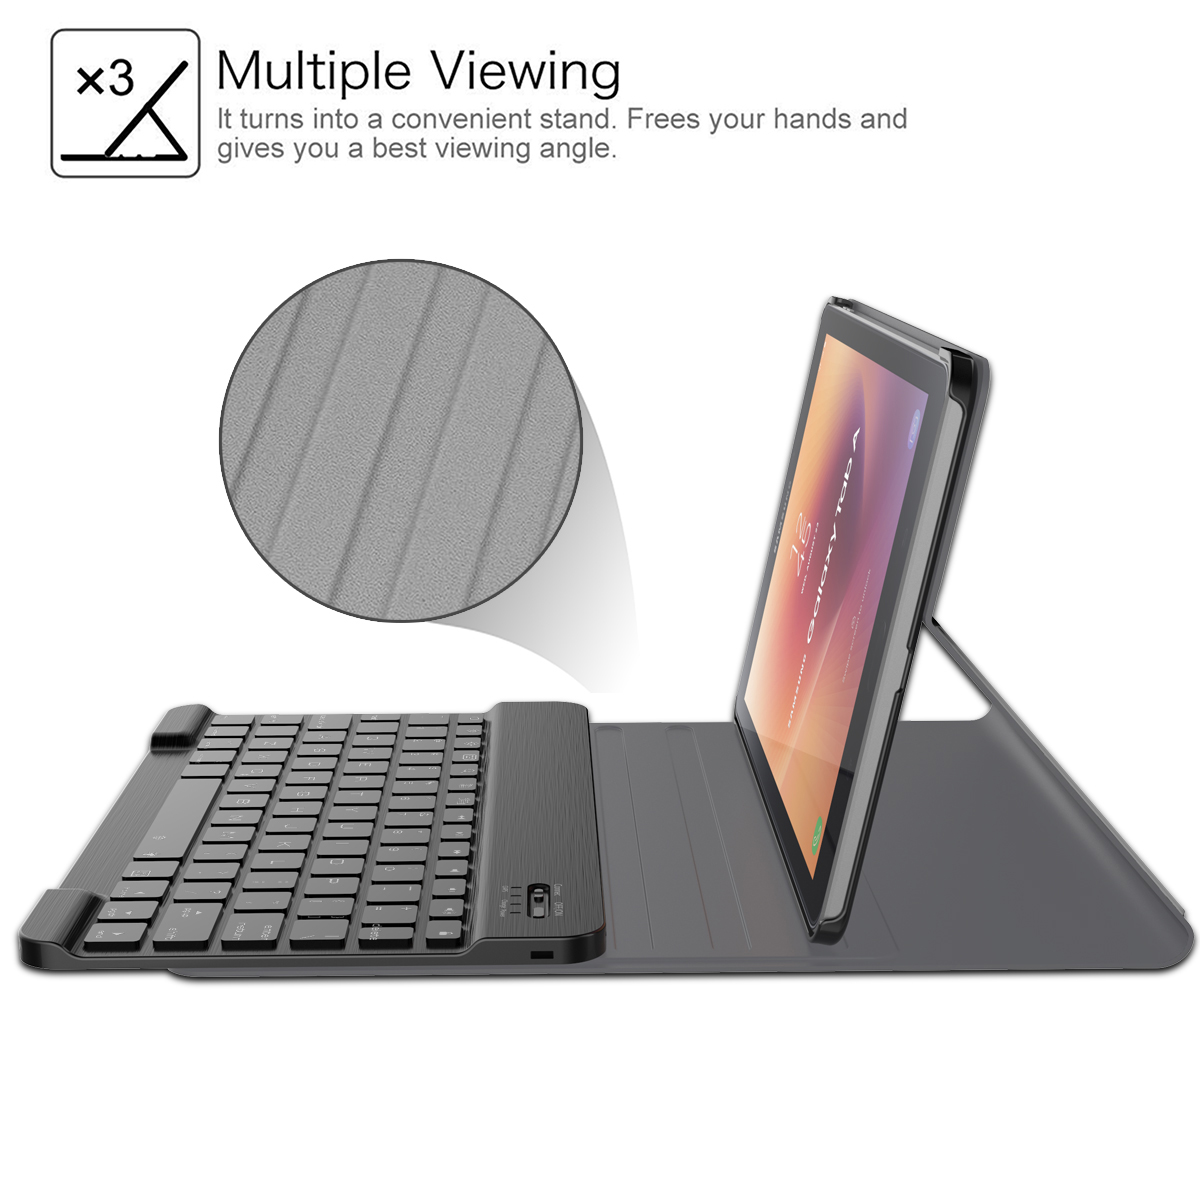 תאורה אחורית עבור Samsung Galaxy Tab 10.5 A2 עיצוב T595 T590 להפרדה Tablet איטלקית Bluetooth עם תאורה אחורית עור מקלדת מקרה ייחודי Stripe (5)